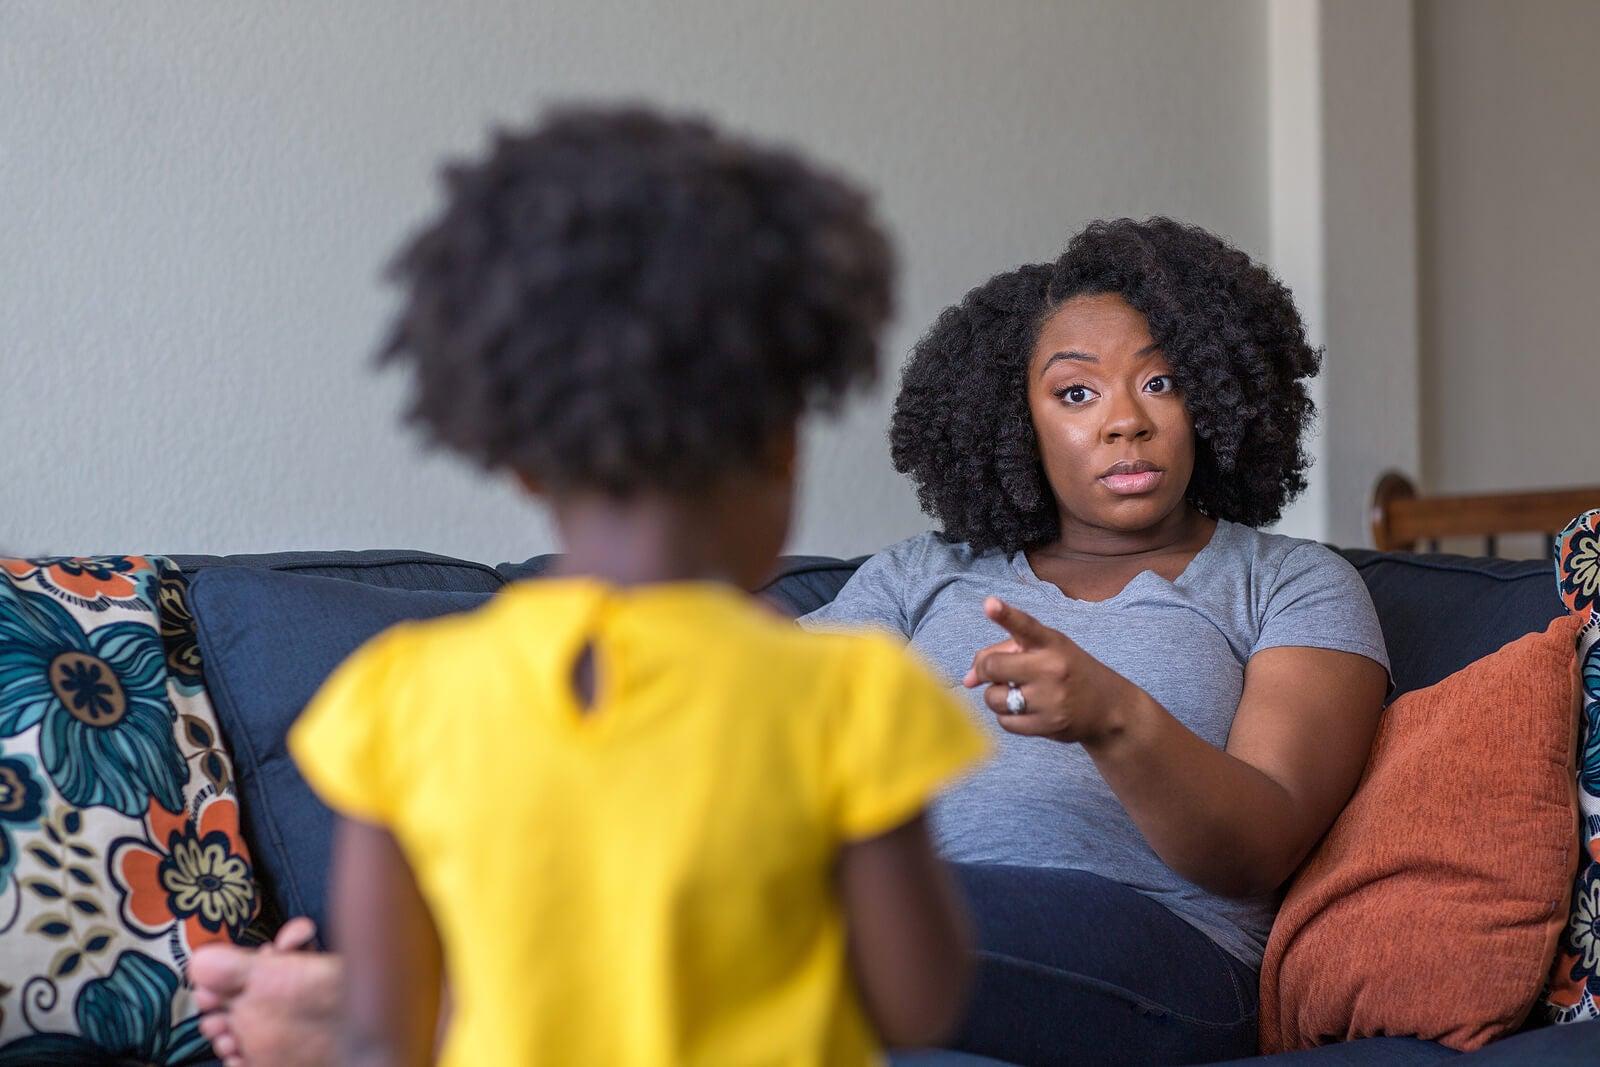 Madre utilizando la técnica de las 3 llamadas de atención con su hija para que haga caso.